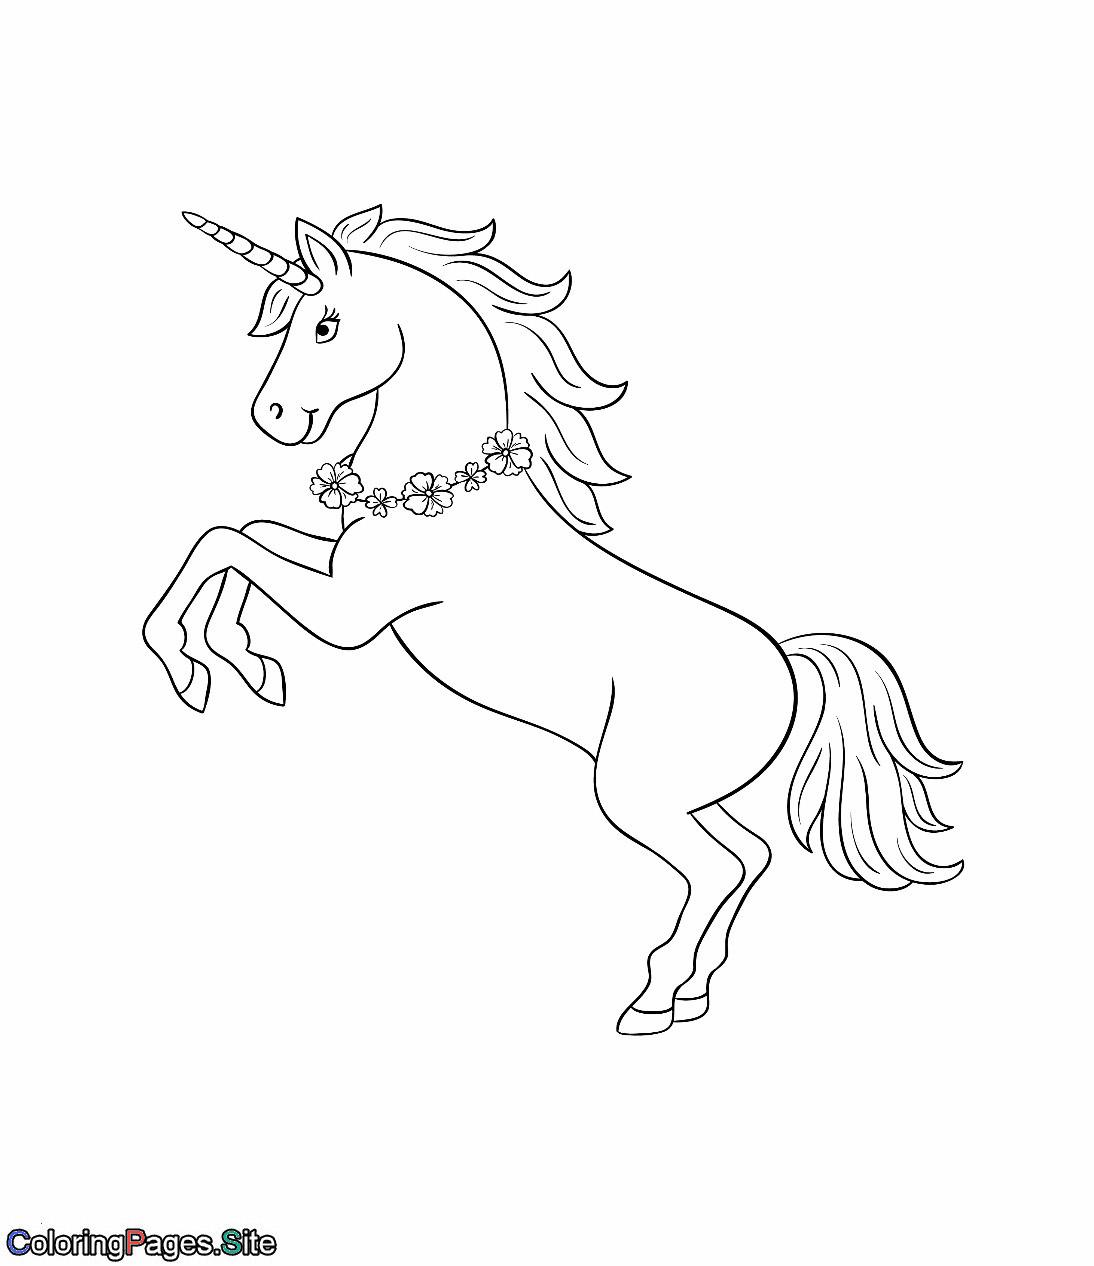 Emojis Zum Ausmalen Frisch Unicorn with A Flowers Necklace Coloring Page Best Ausmalbilder Fotos